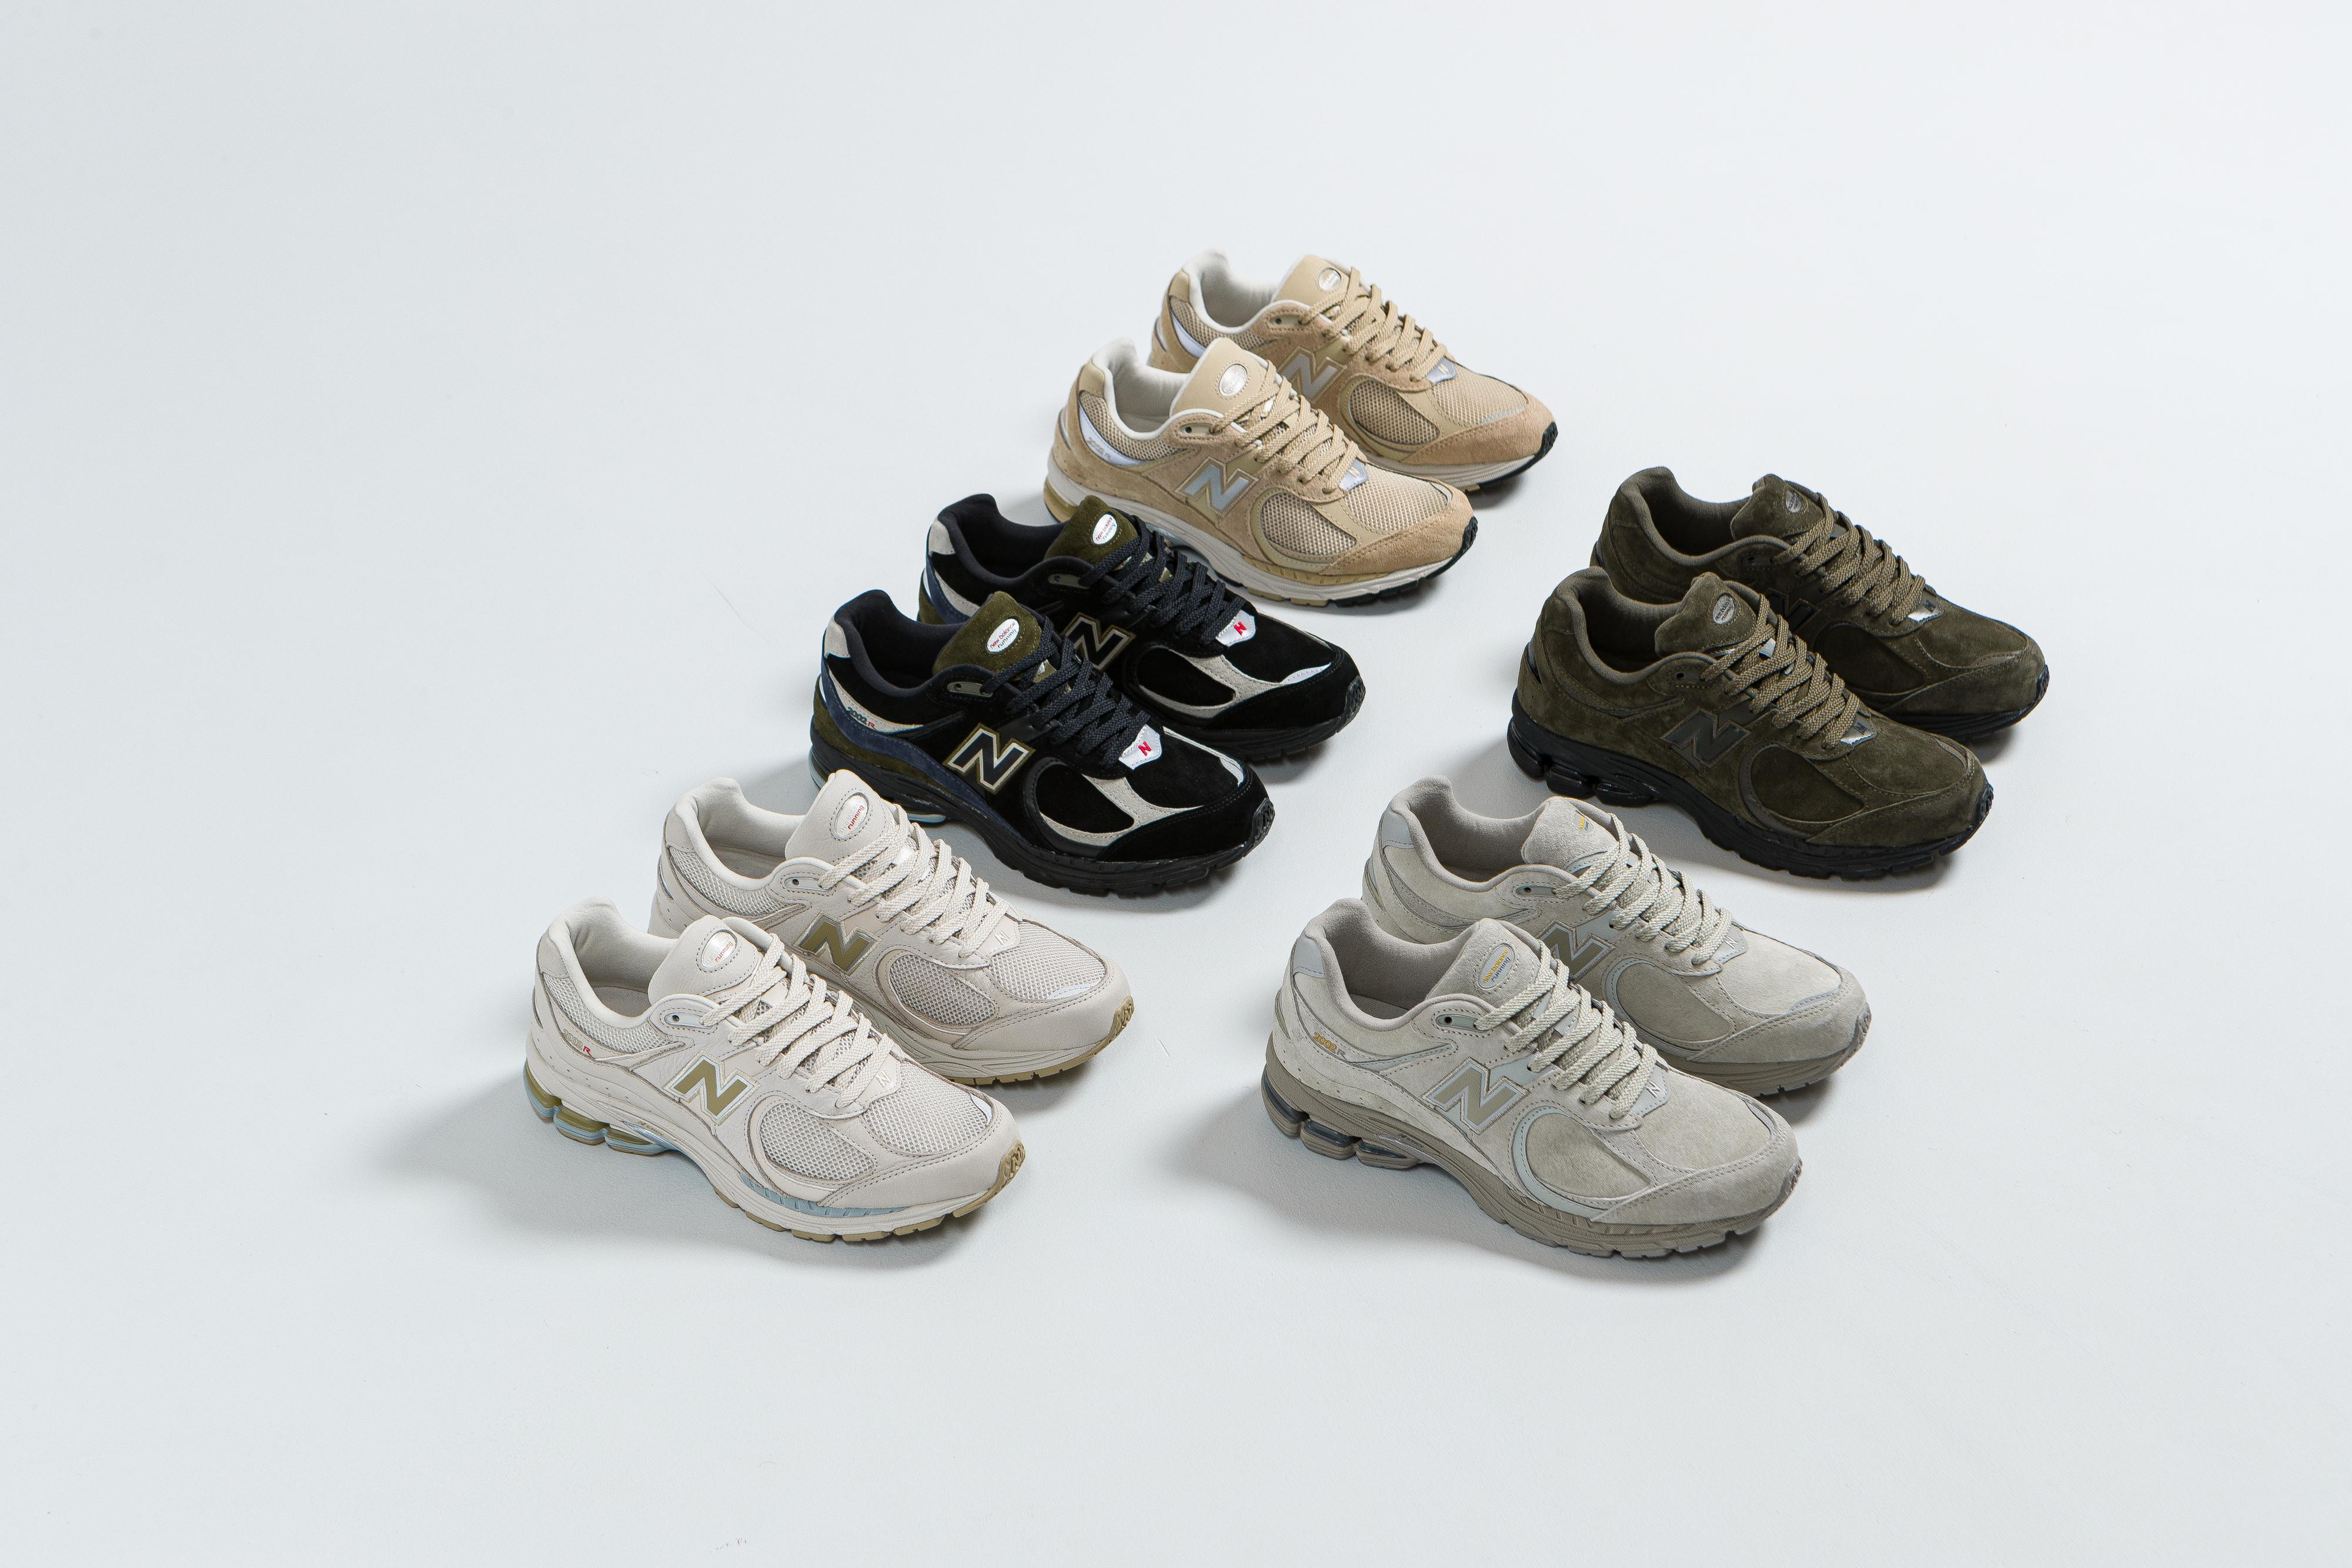 Up There Store - New Balance 2002R - ML2002RM, ML2002RP, ML2002R2, ML2002R3, ML2002R9